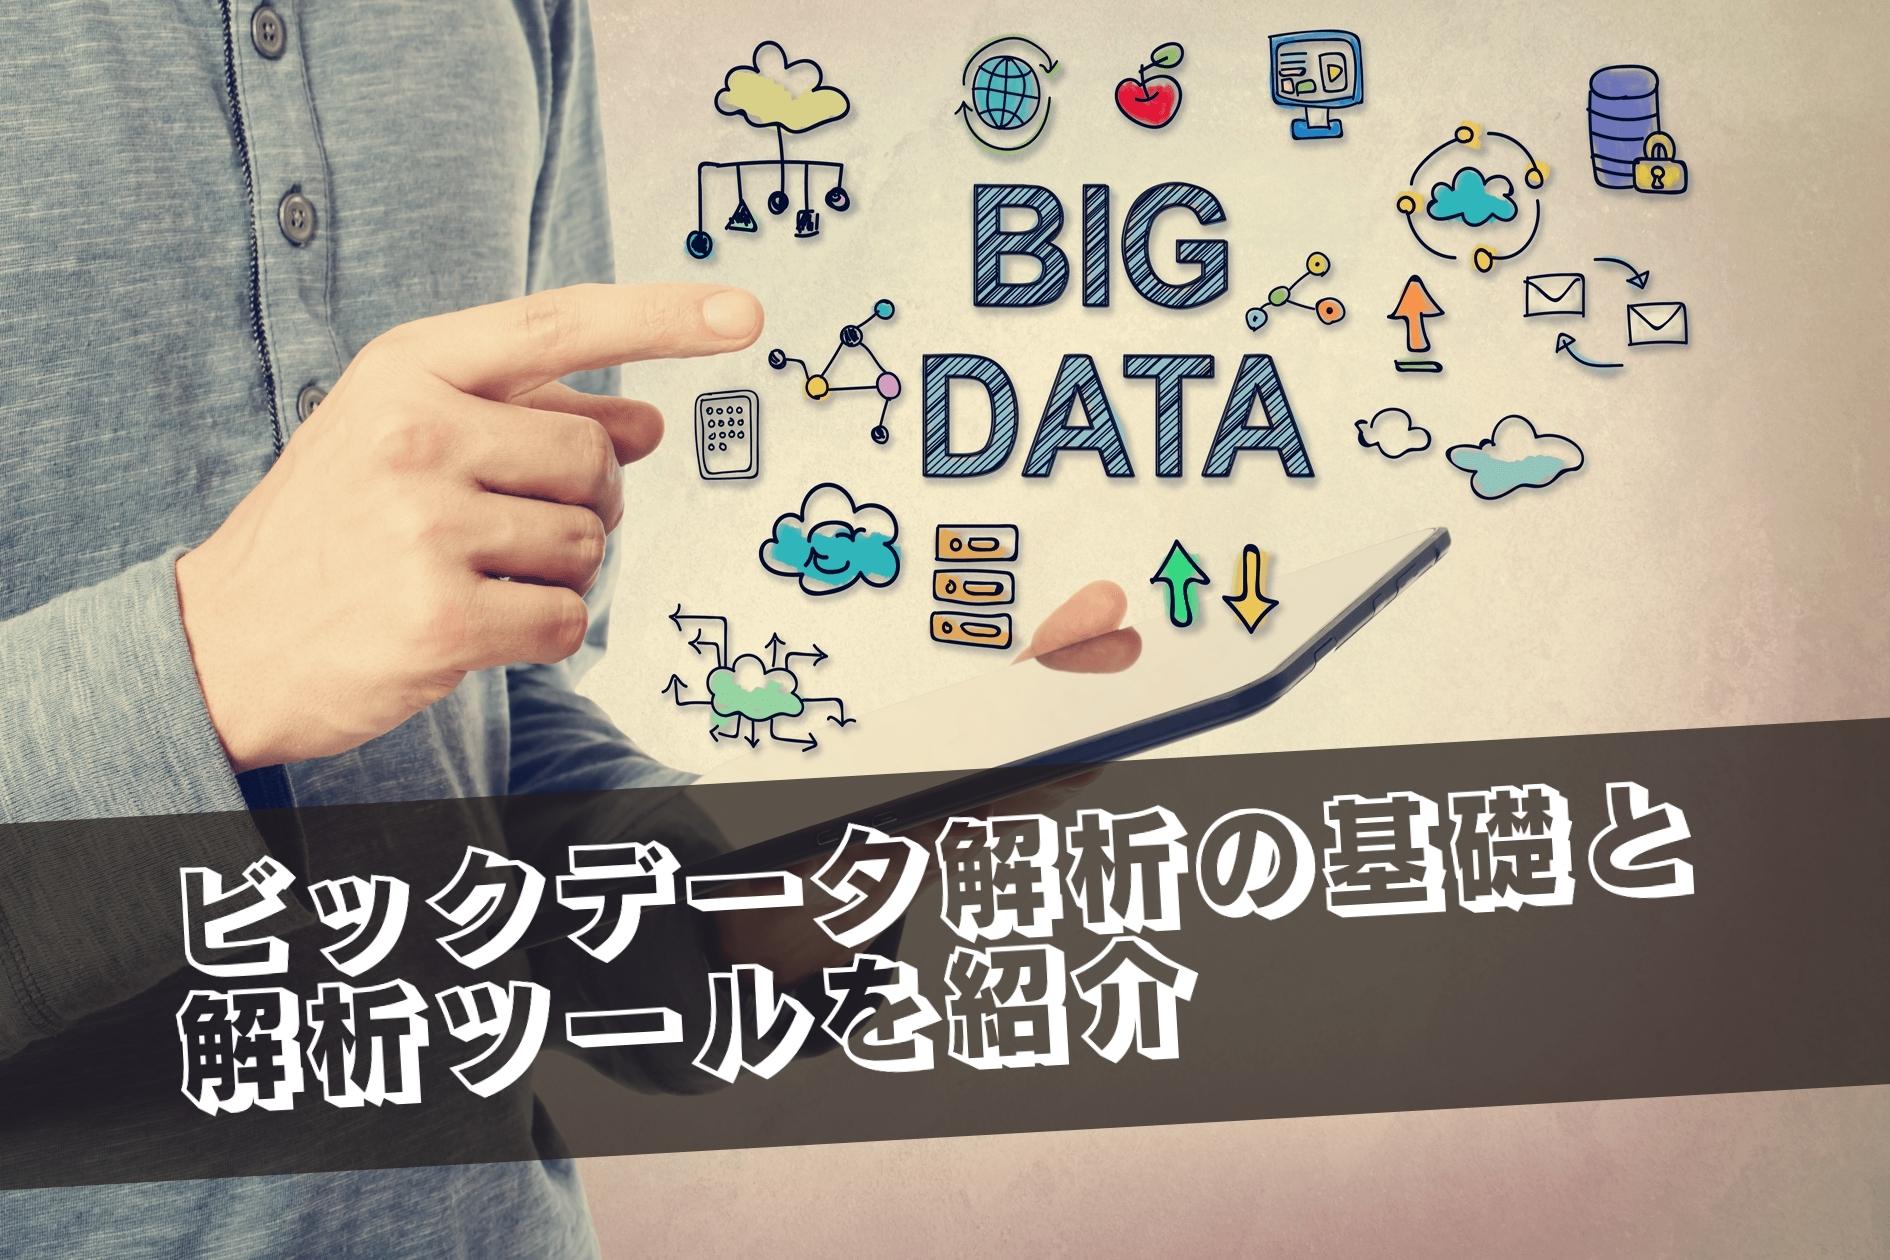 ビックデータ解析の基礎と解析ツールを紹介